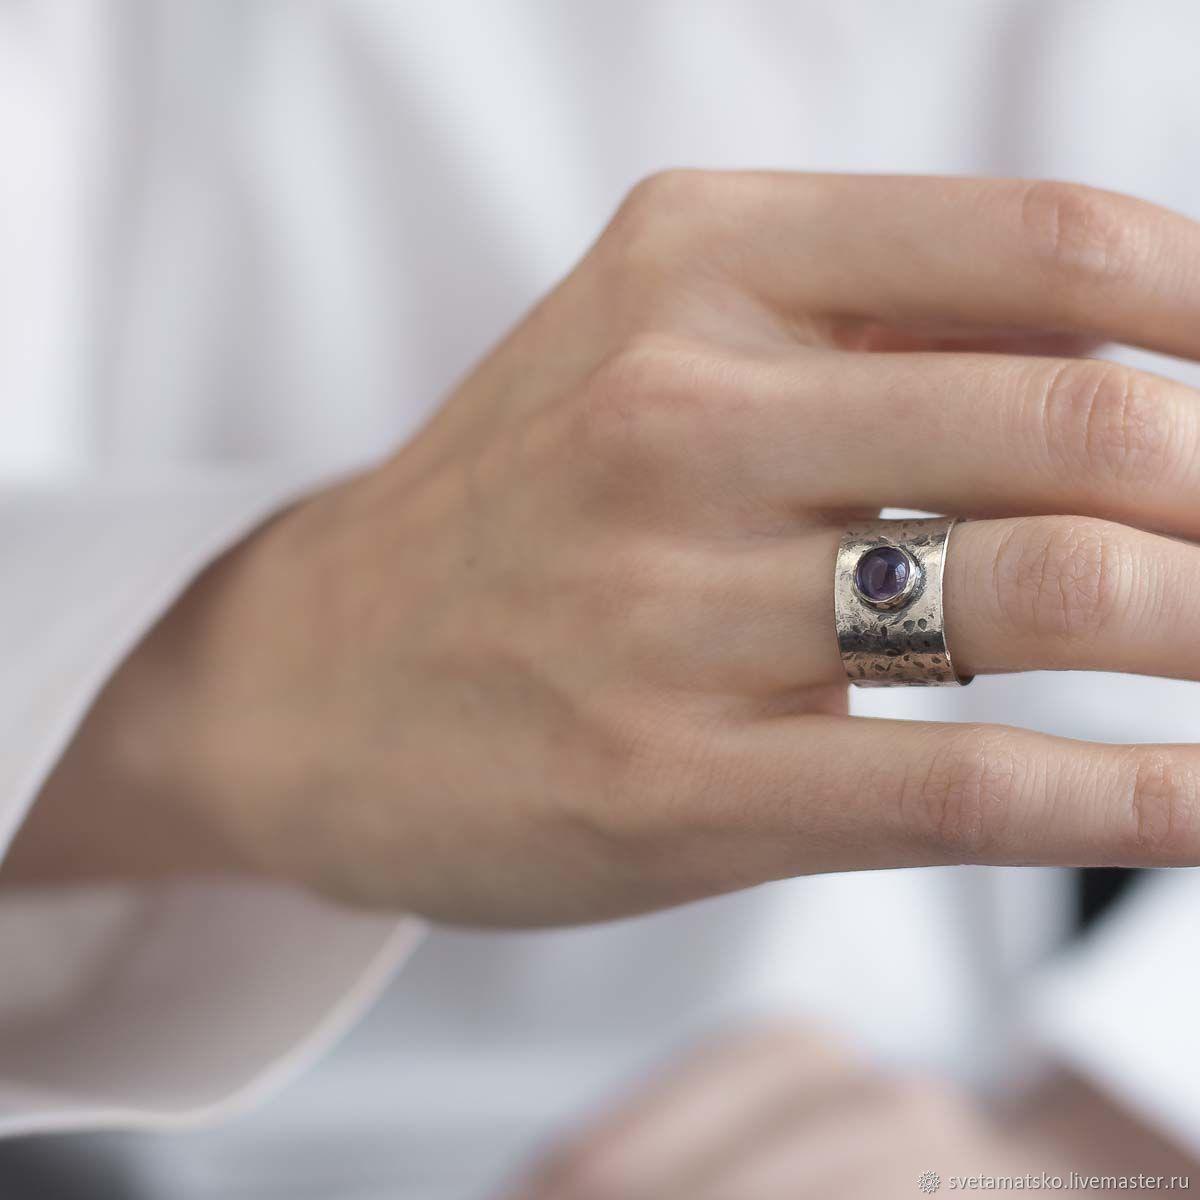 Кольца ручной работы. Ярмарка Мастеров - ручная работа. Купить Серебряное кольцо с аметистом, широкое кольцо из серебра с аметистом. Handmade.